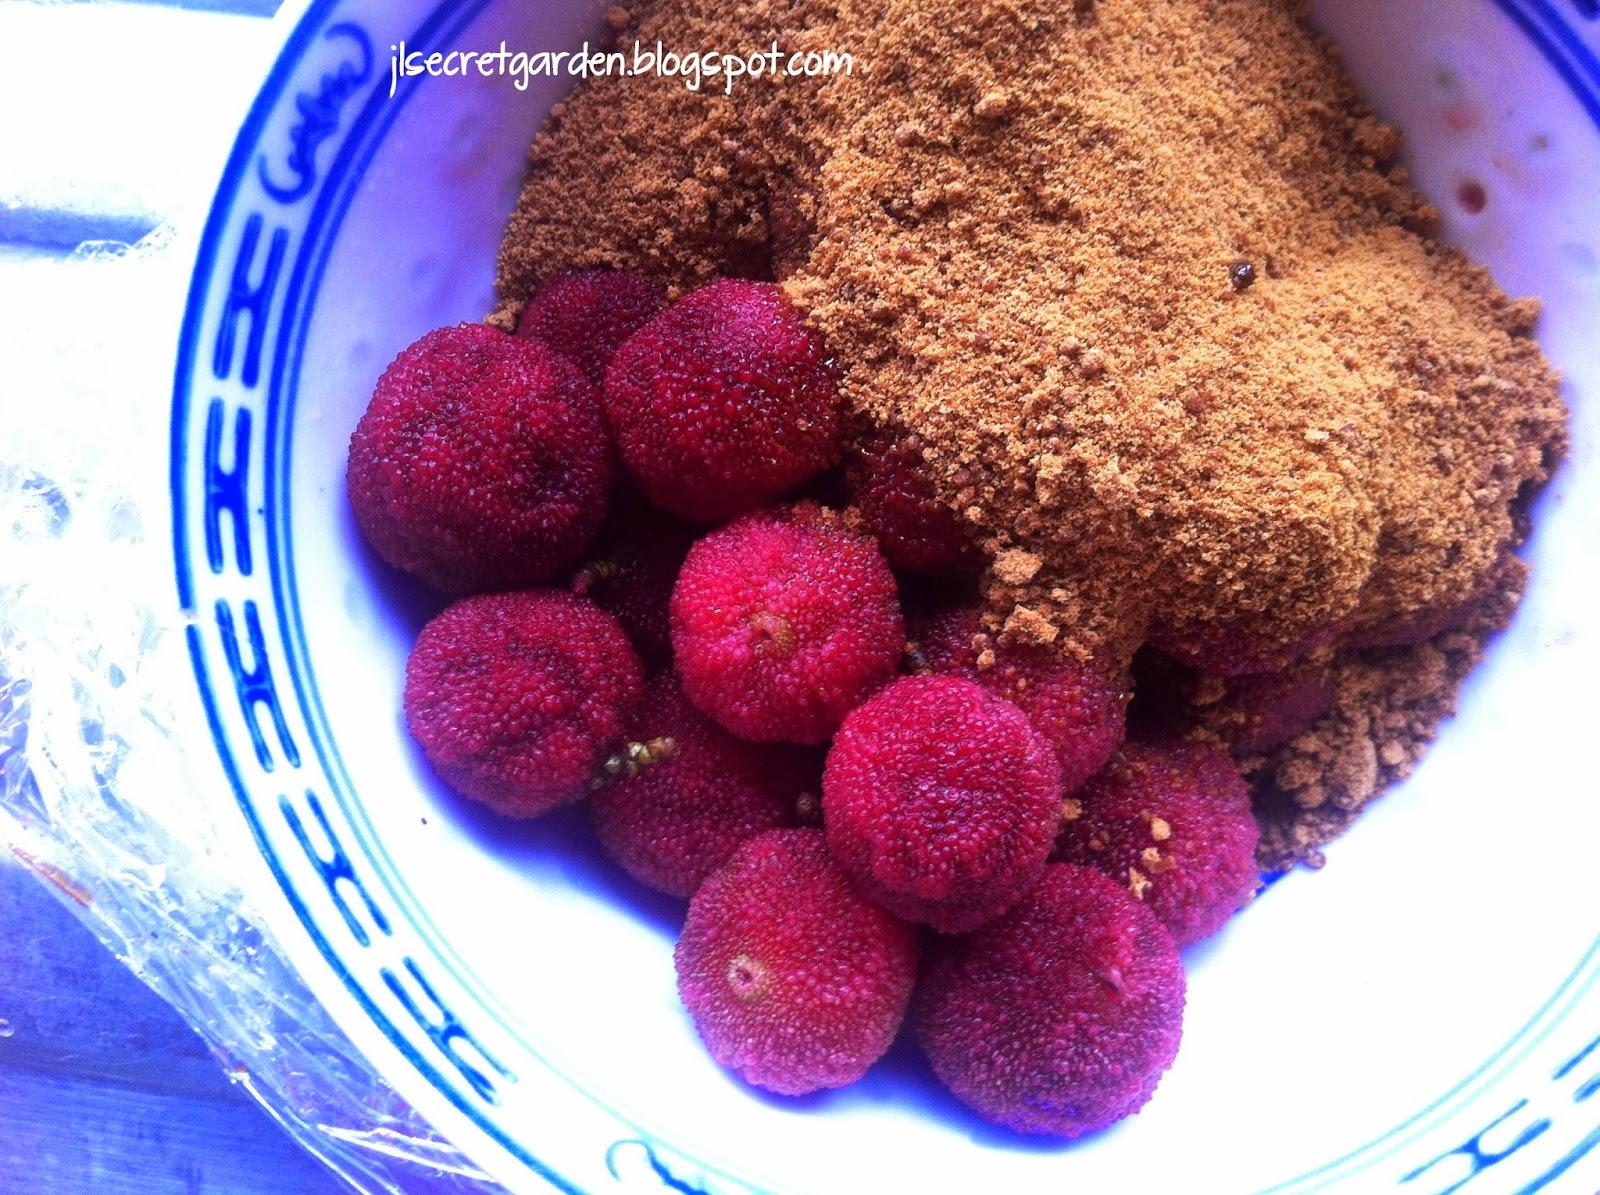 楊梅 黑糖 Chinese Bayberry Dark Brown Sugar